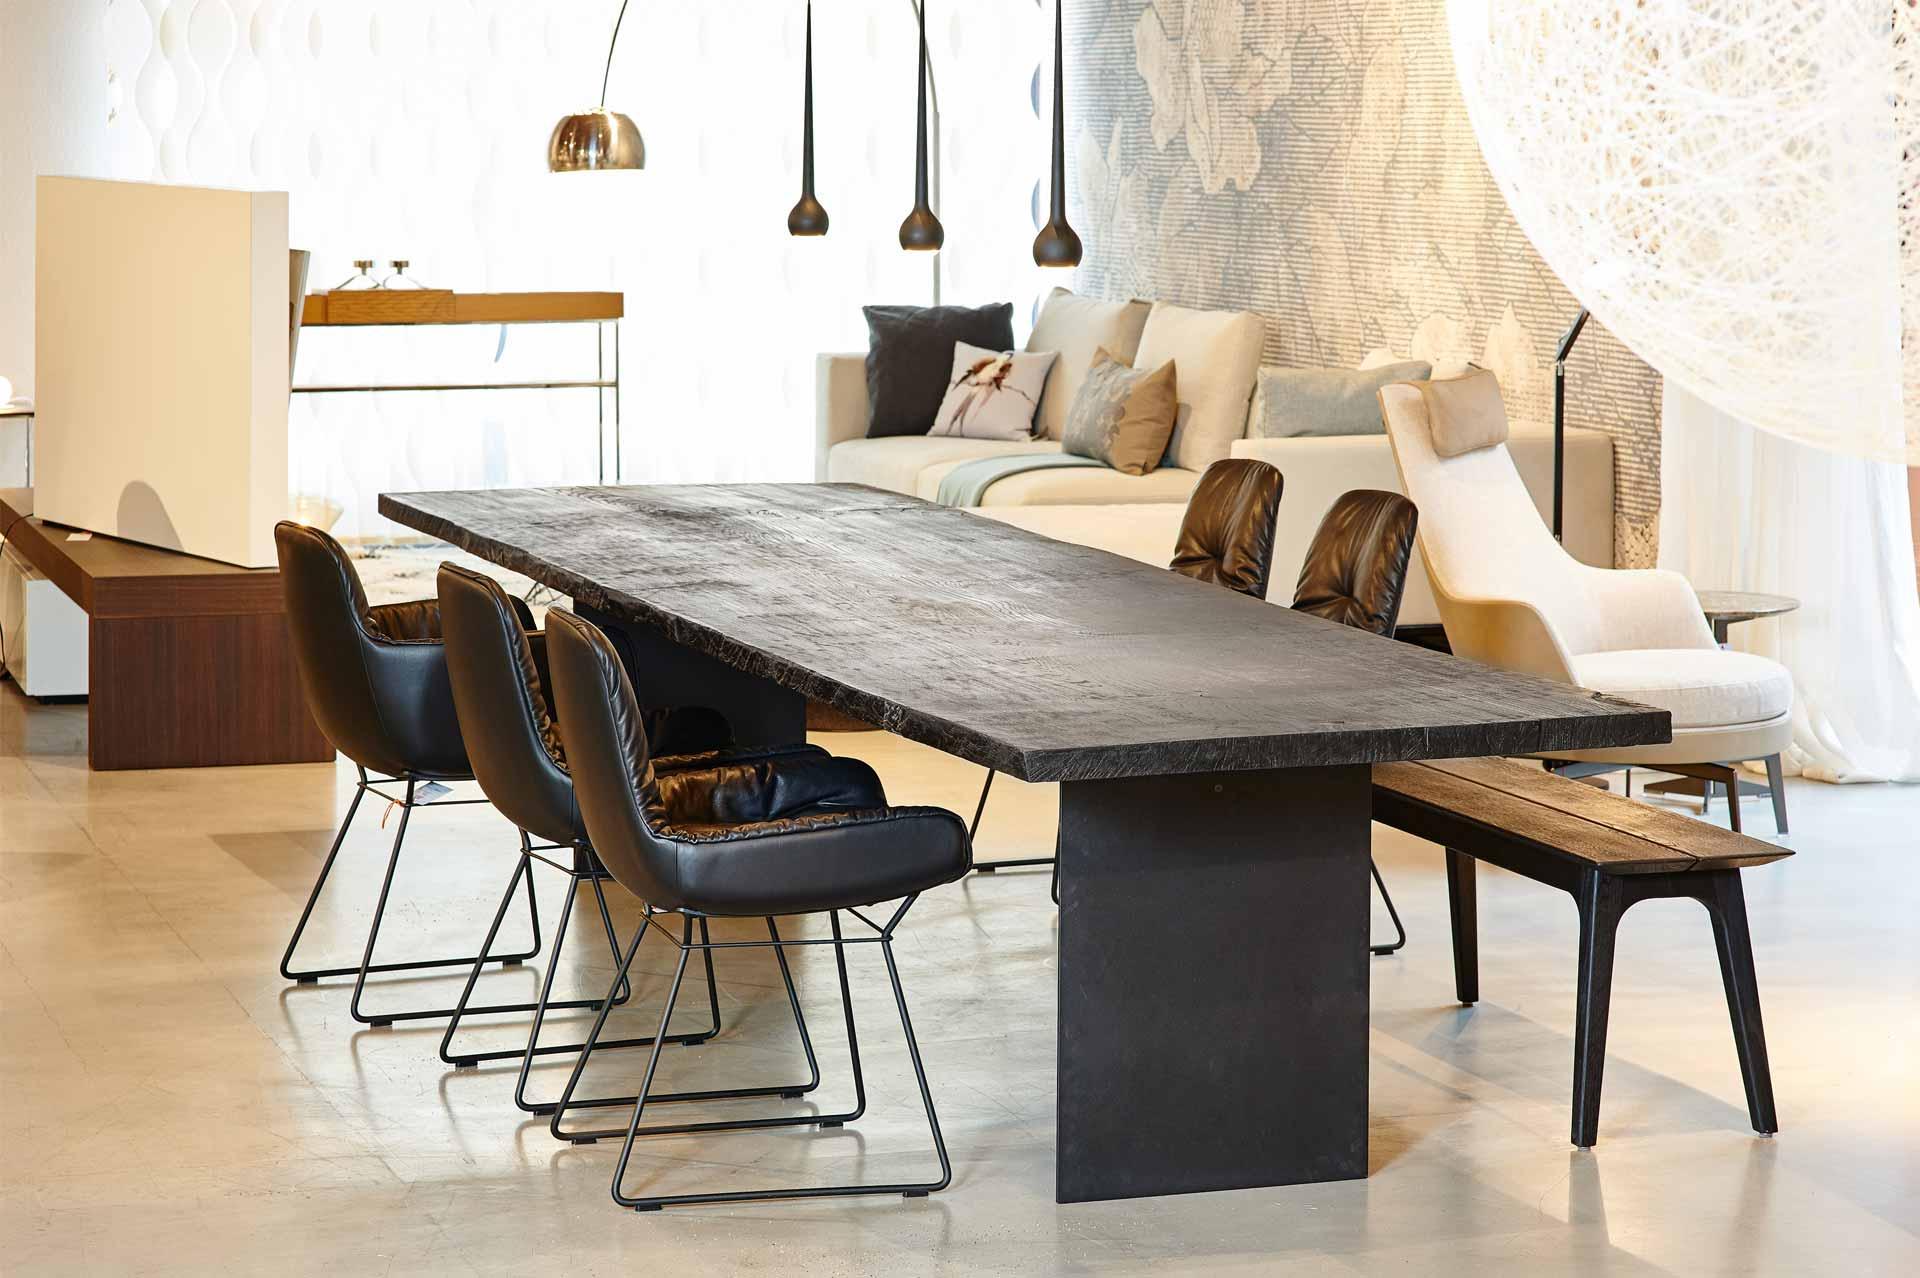 Möbelhaus In München einrichtungshaus melior minotti flexform poliform design